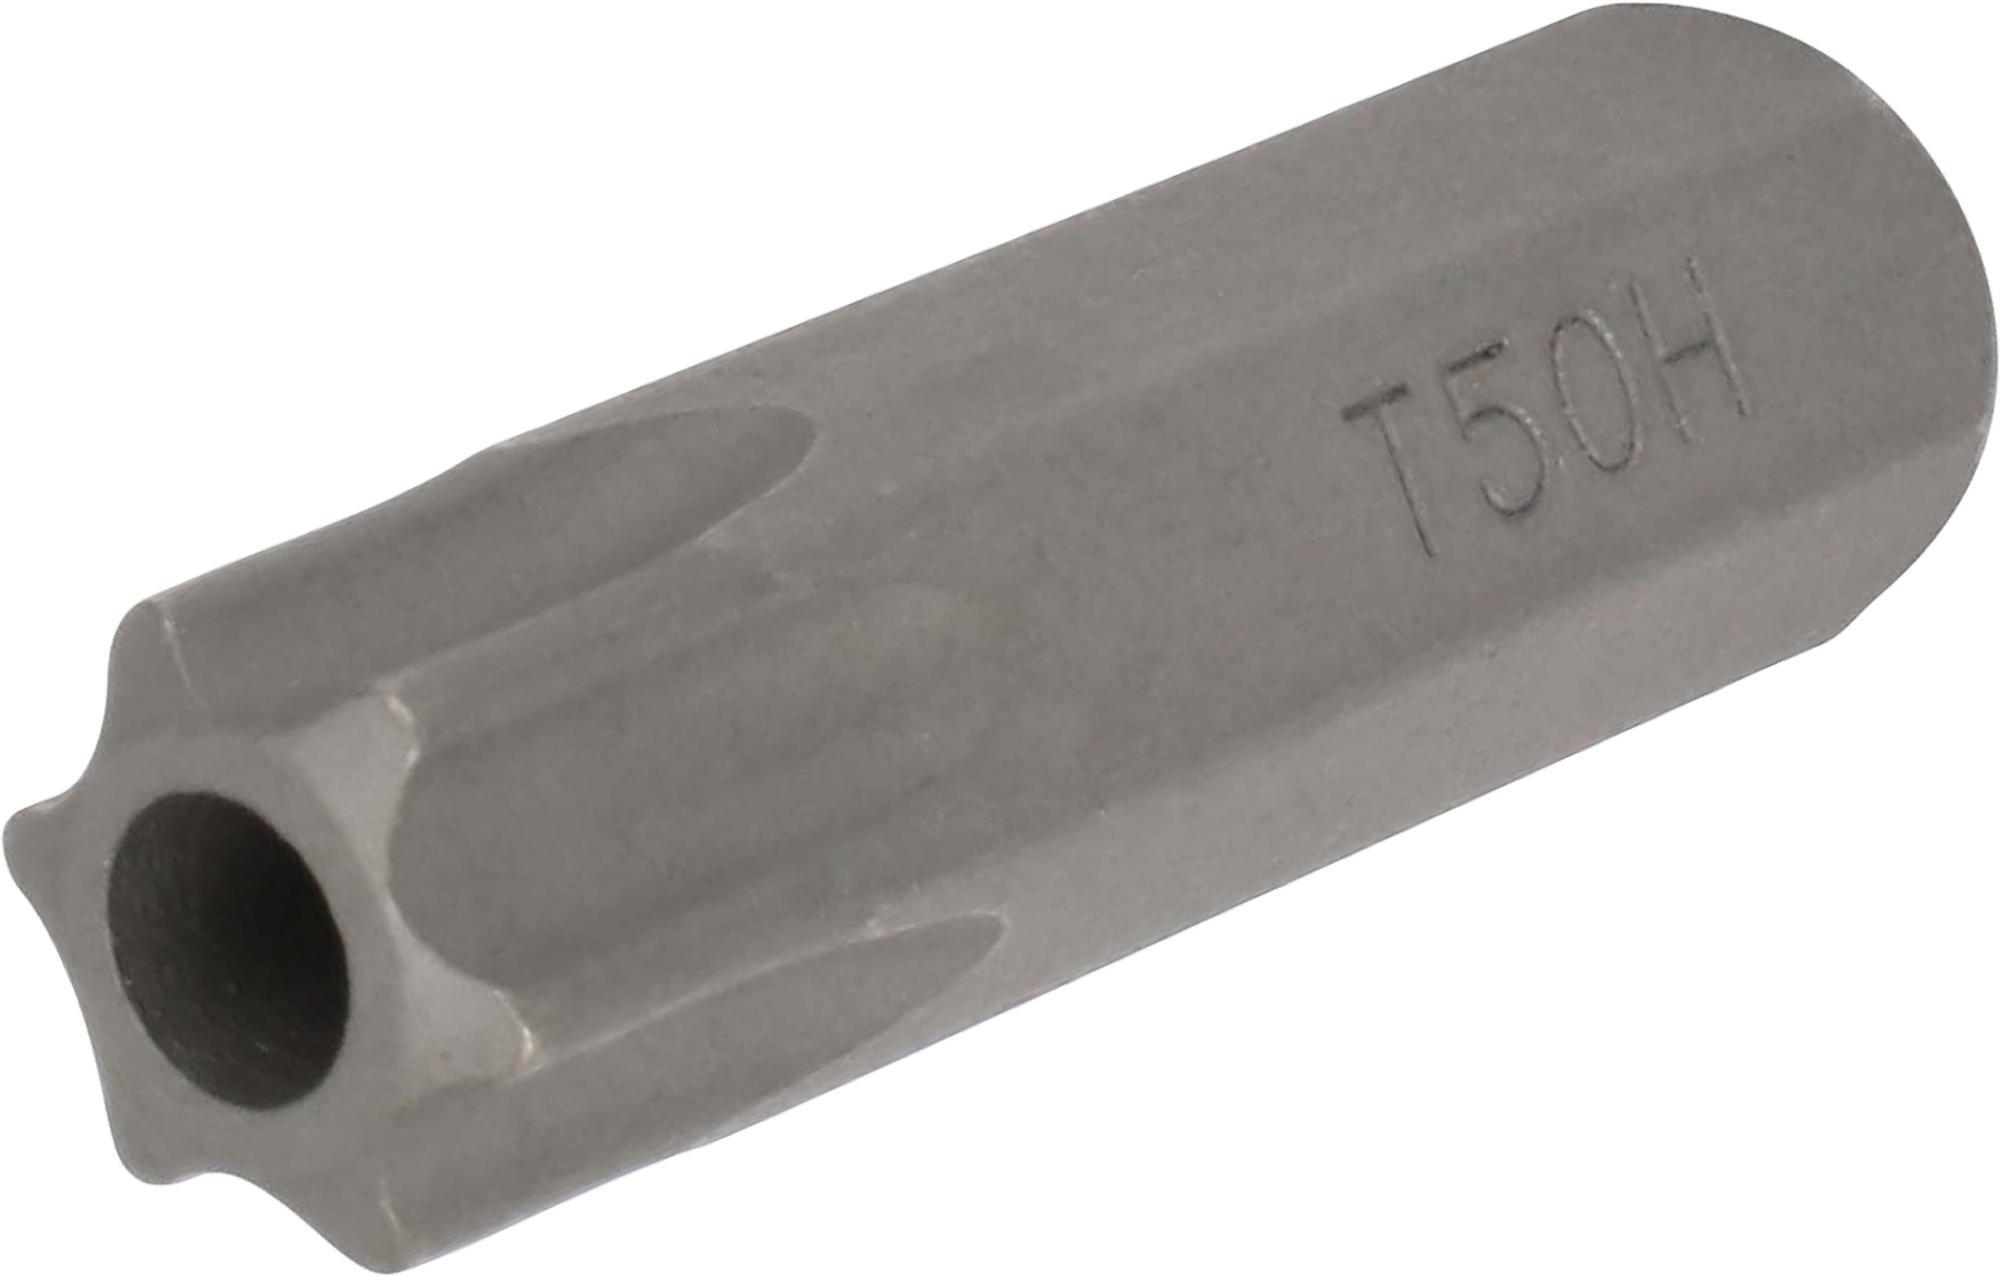 Bit, 8 mm 6-hran, TORX SLB T50x30 mm